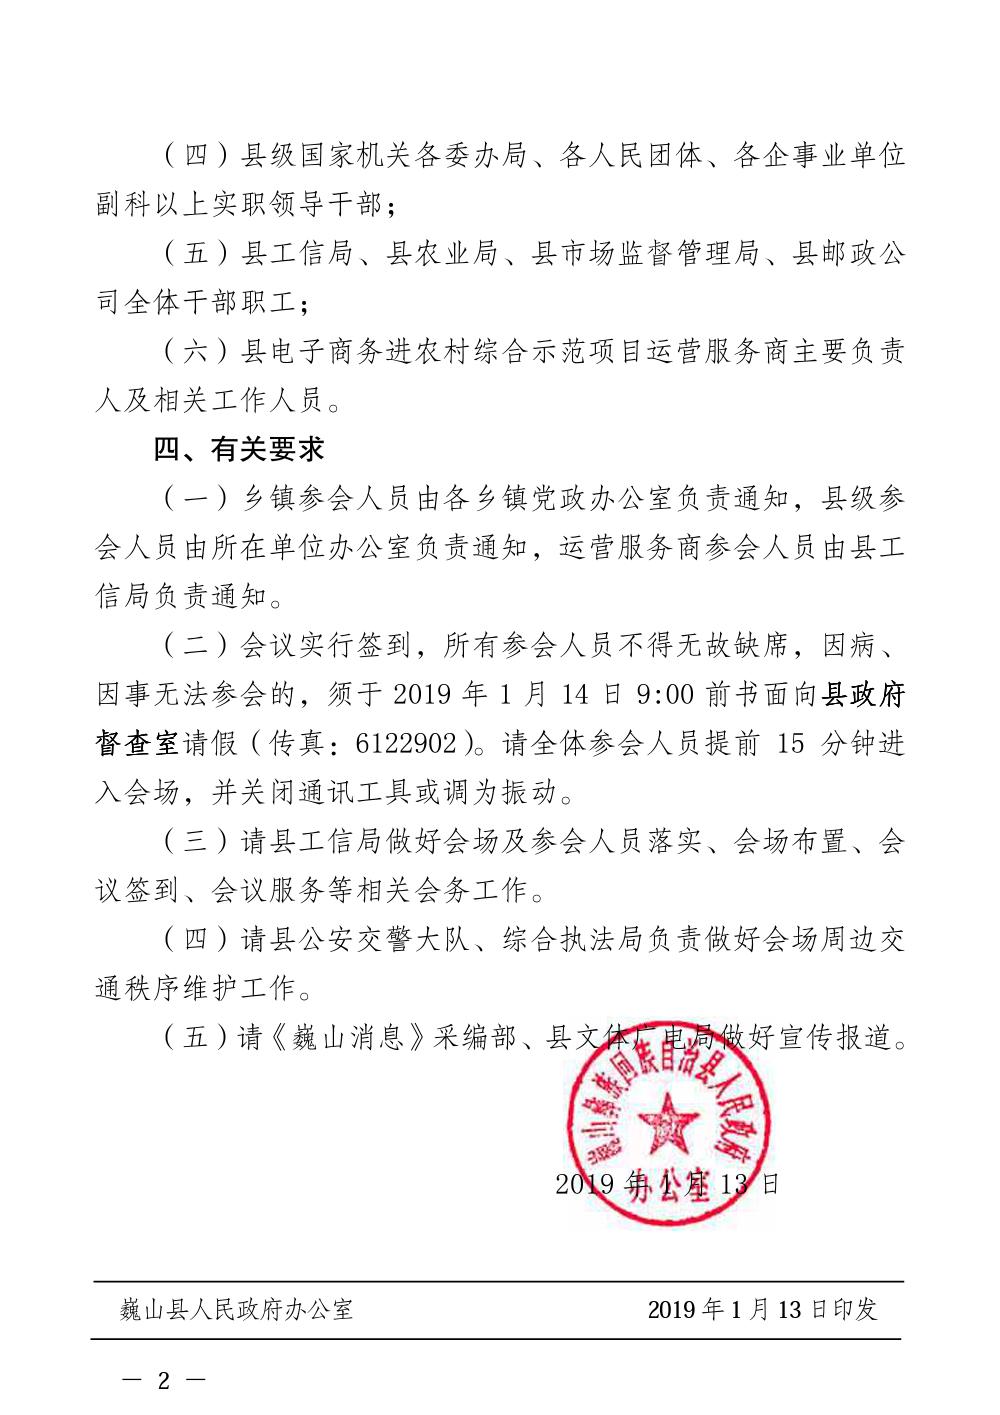 党政干部通知2.png